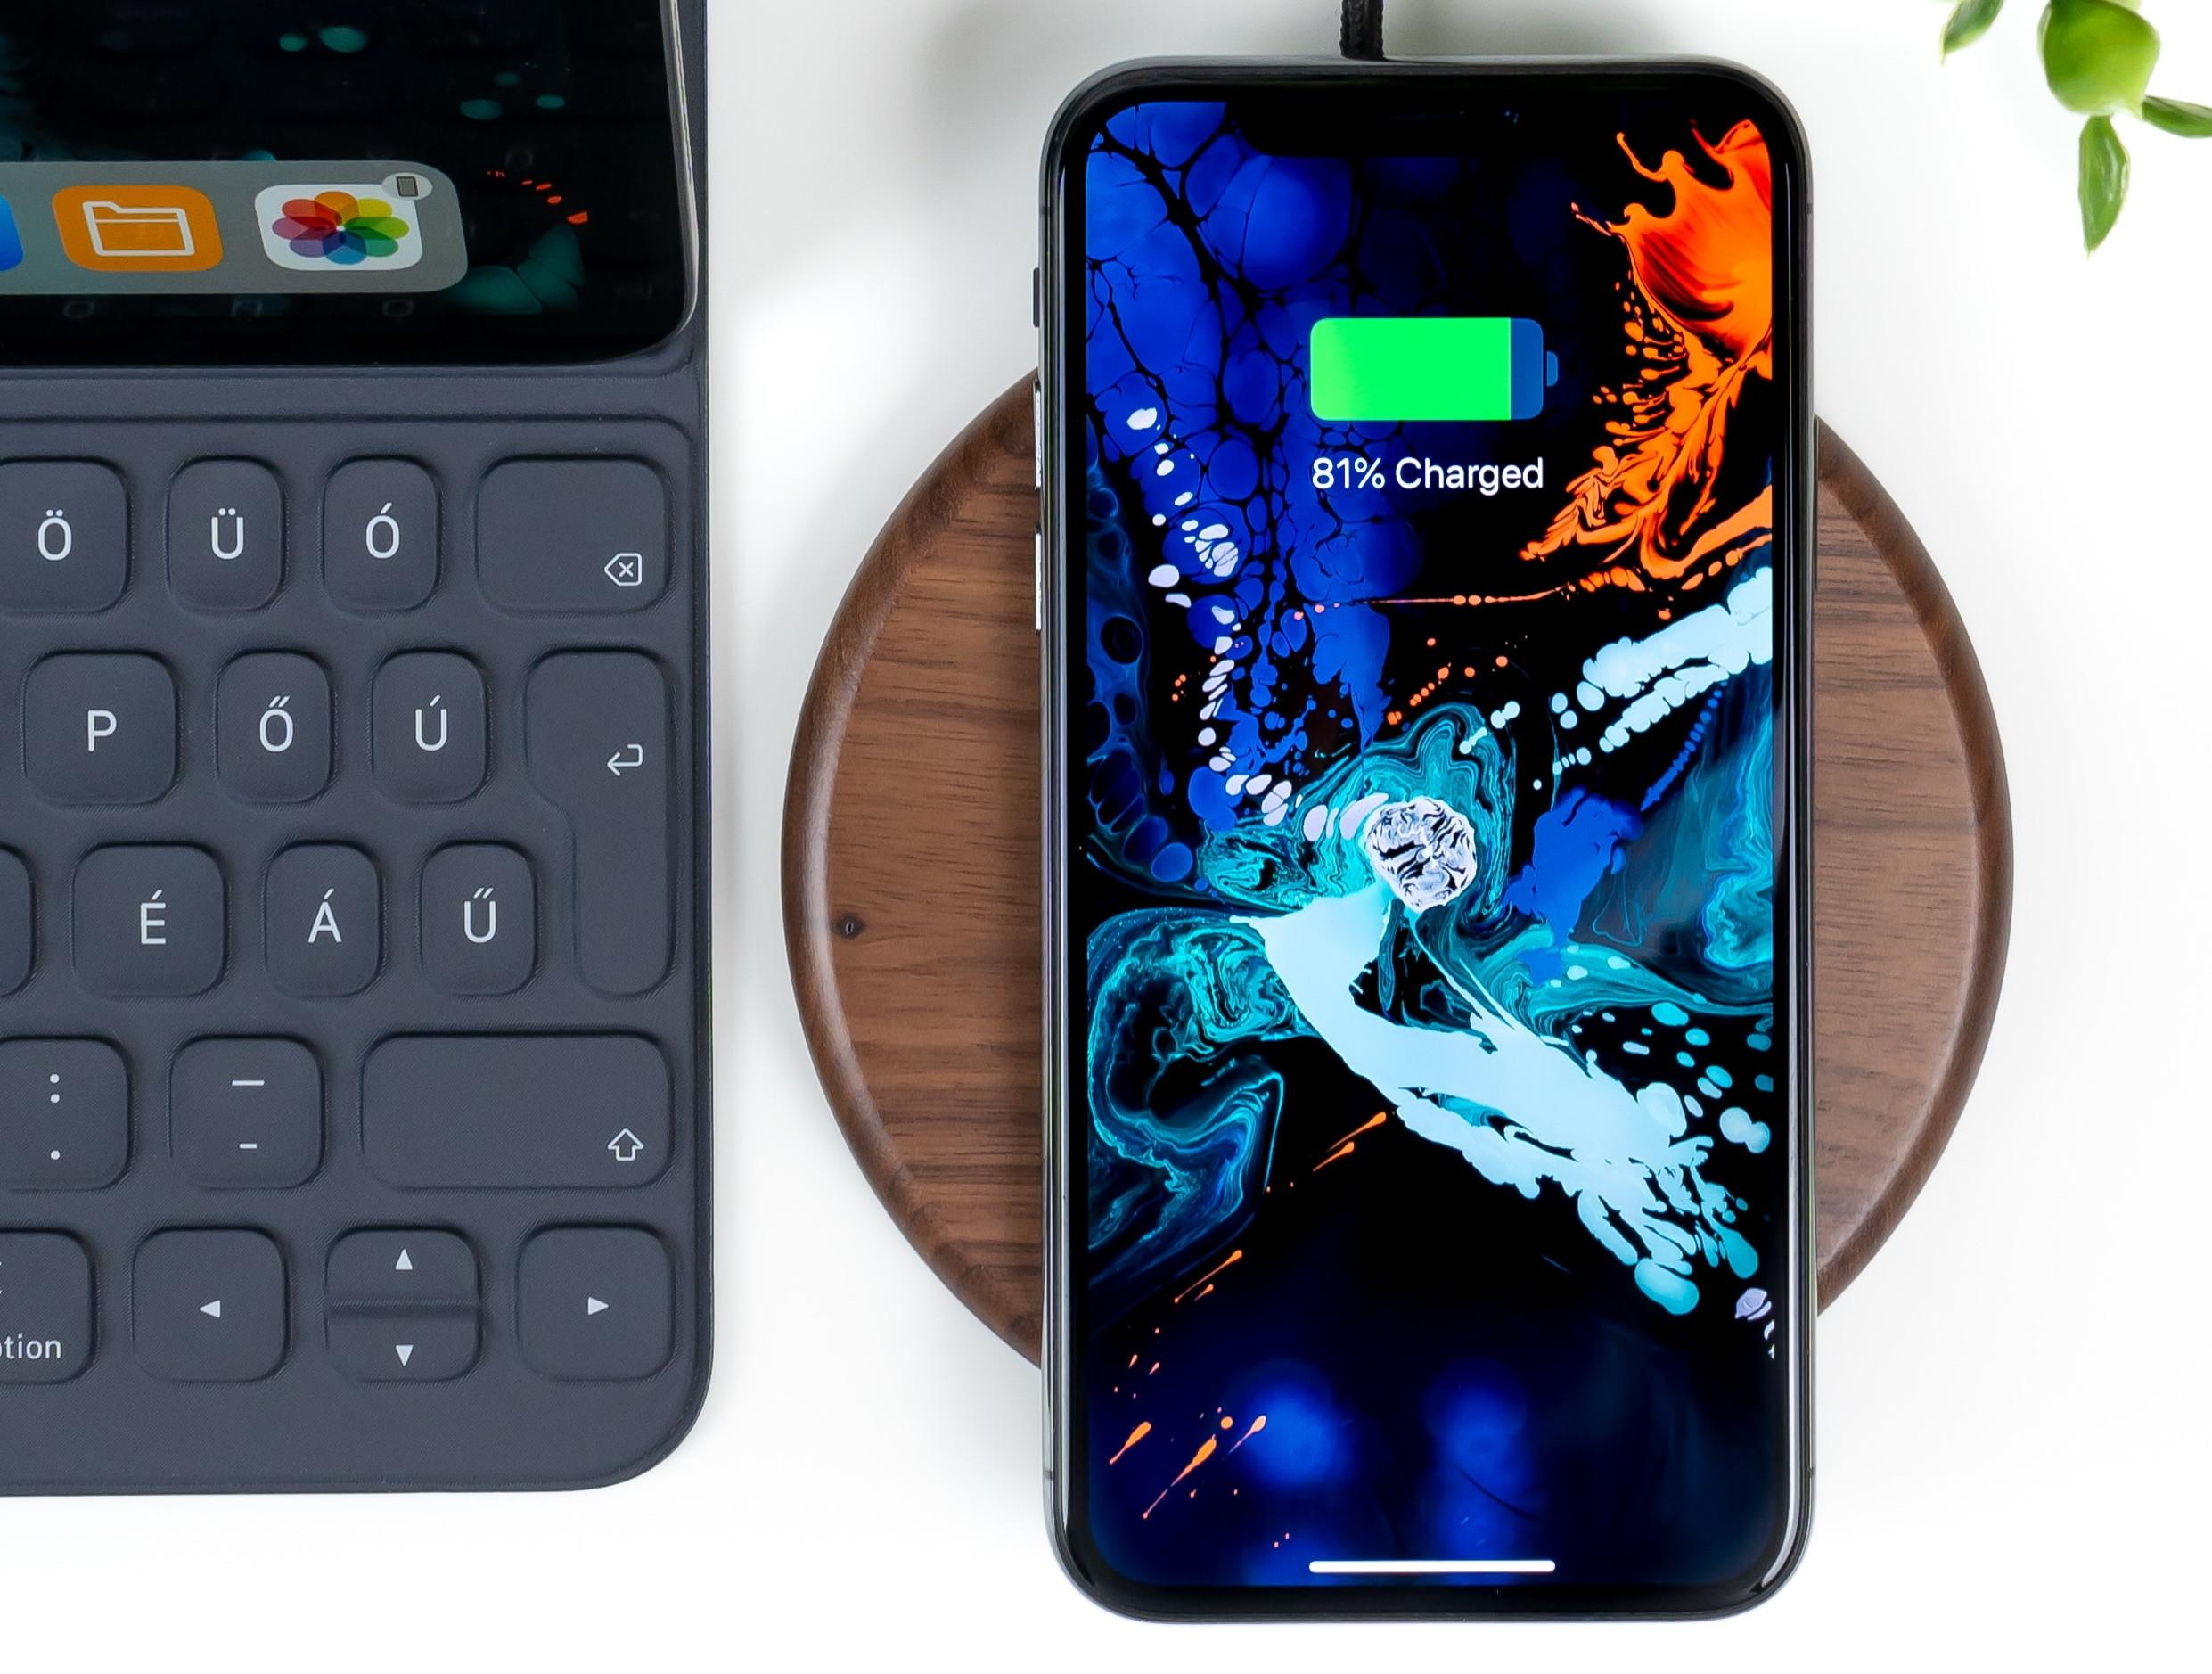 Храните смартфоны при меньшем уровне заряда